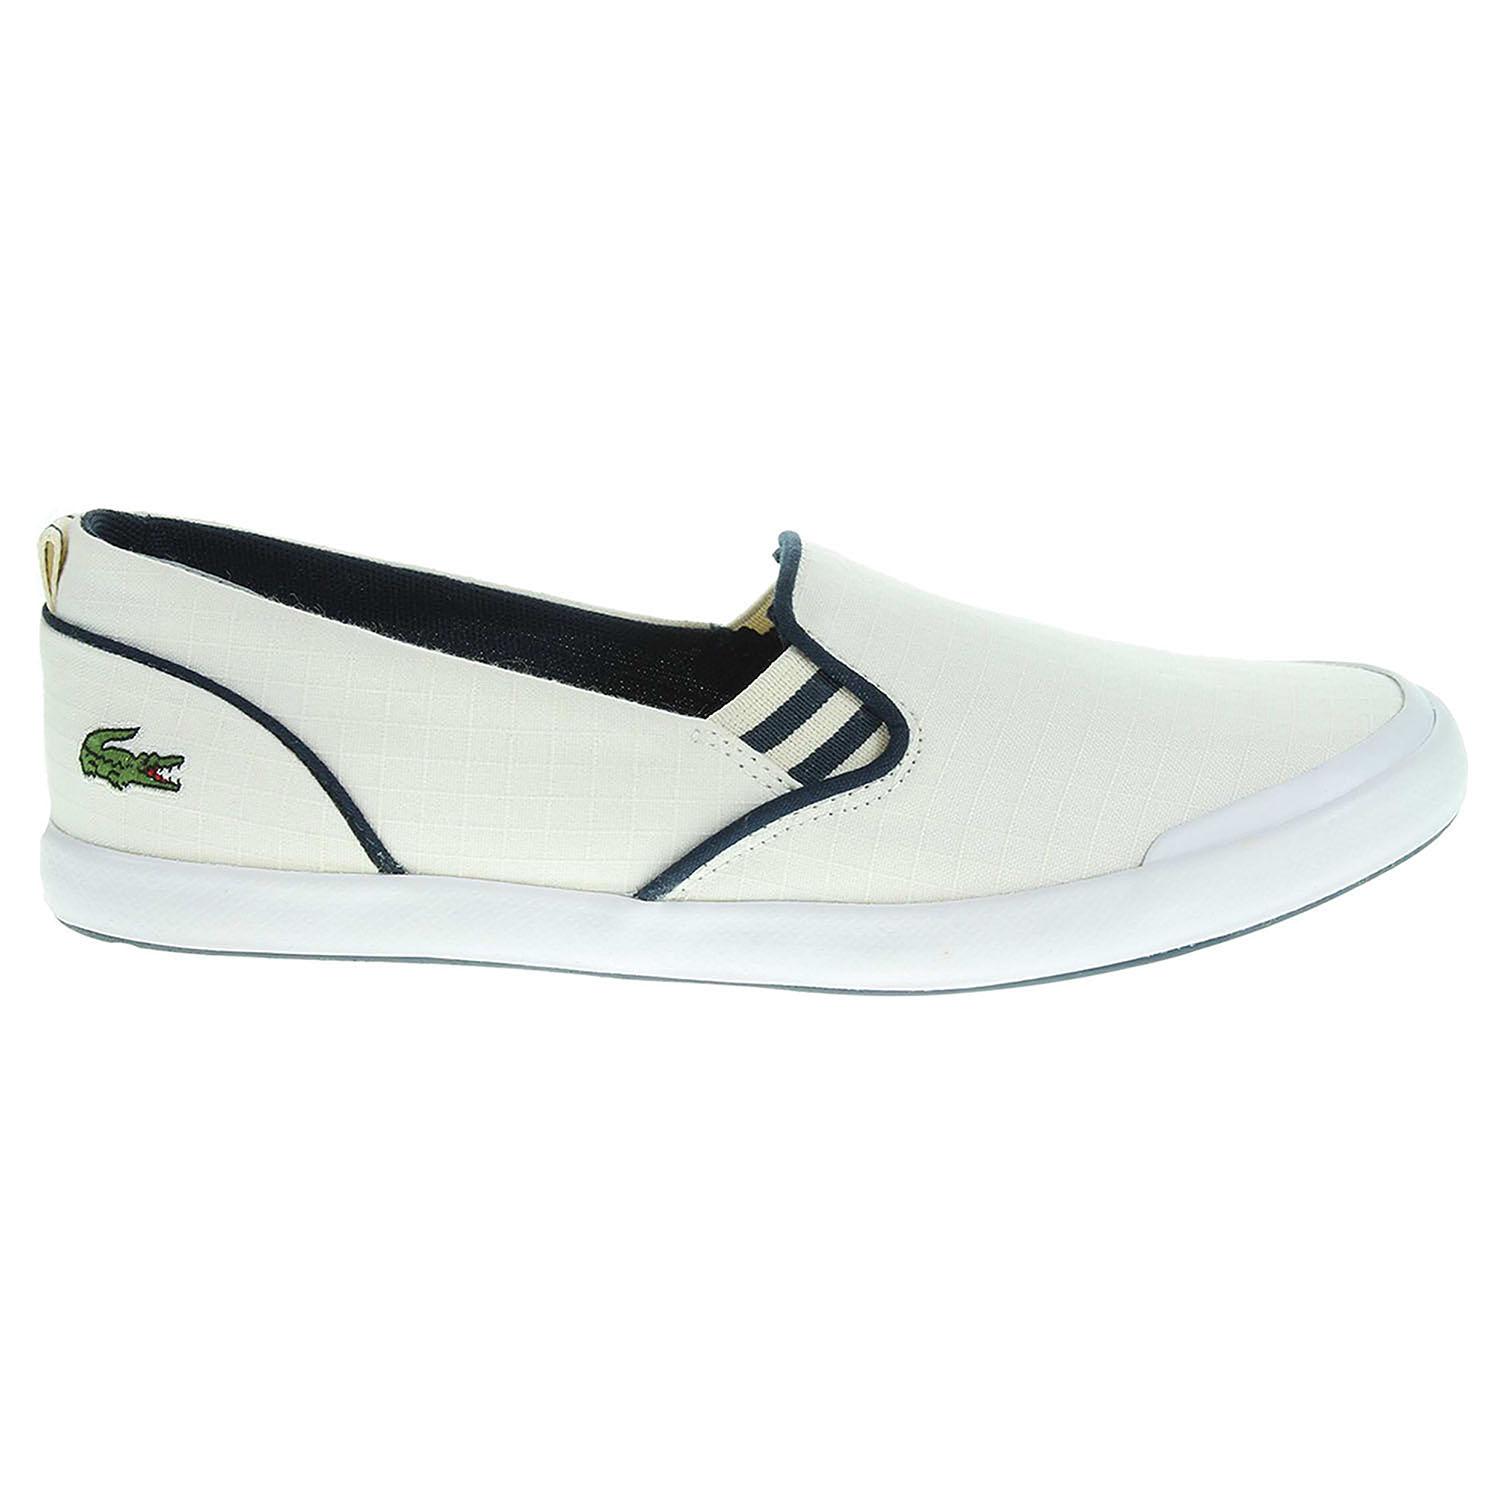 Lacoste Lancelle Slip-On dámská obuv bílá 37